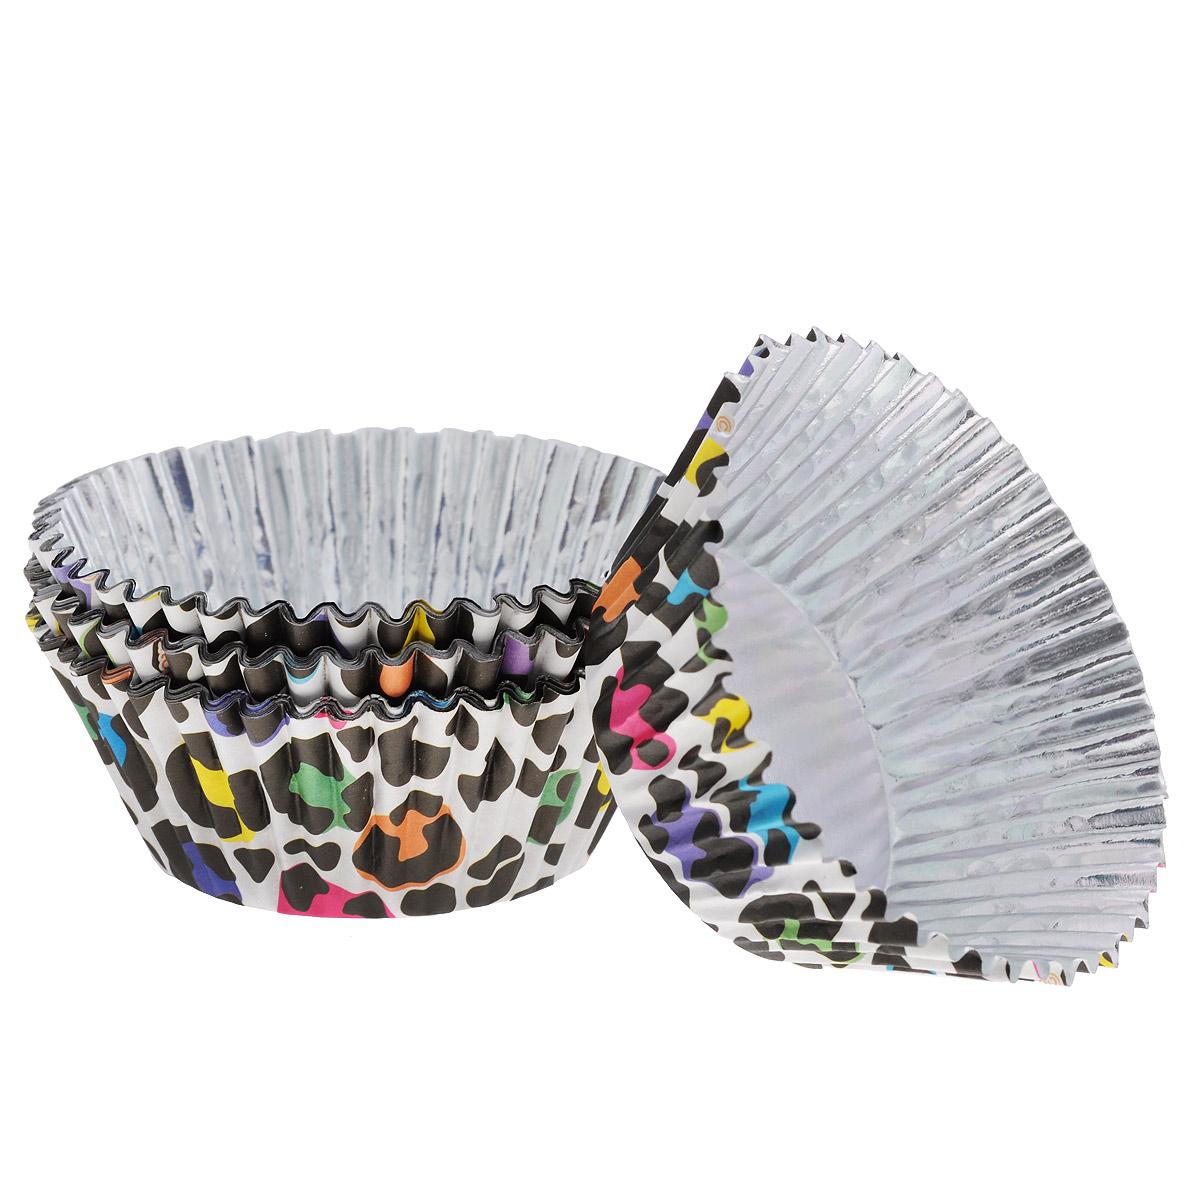 Набор бумажных форм для кексов Wilton Леопард, диаметр 7 см, 36 штWLT-415-2157Набор Wilton Леопард состоит из 36 бумажных форм для кексов. Они предназначены для паковки кондитерских изделий, также могут использоваться для сервировки орешков, конфет и др. Внутри формы оснащены специальным фольгированным вкладышем, благодаря которому изделия не требуют предварительной смазки маслом или жиром. Высота стенки: 3 см. Диаметр (по верхнему краю): 7 см.Диаметр дна: 5 см.